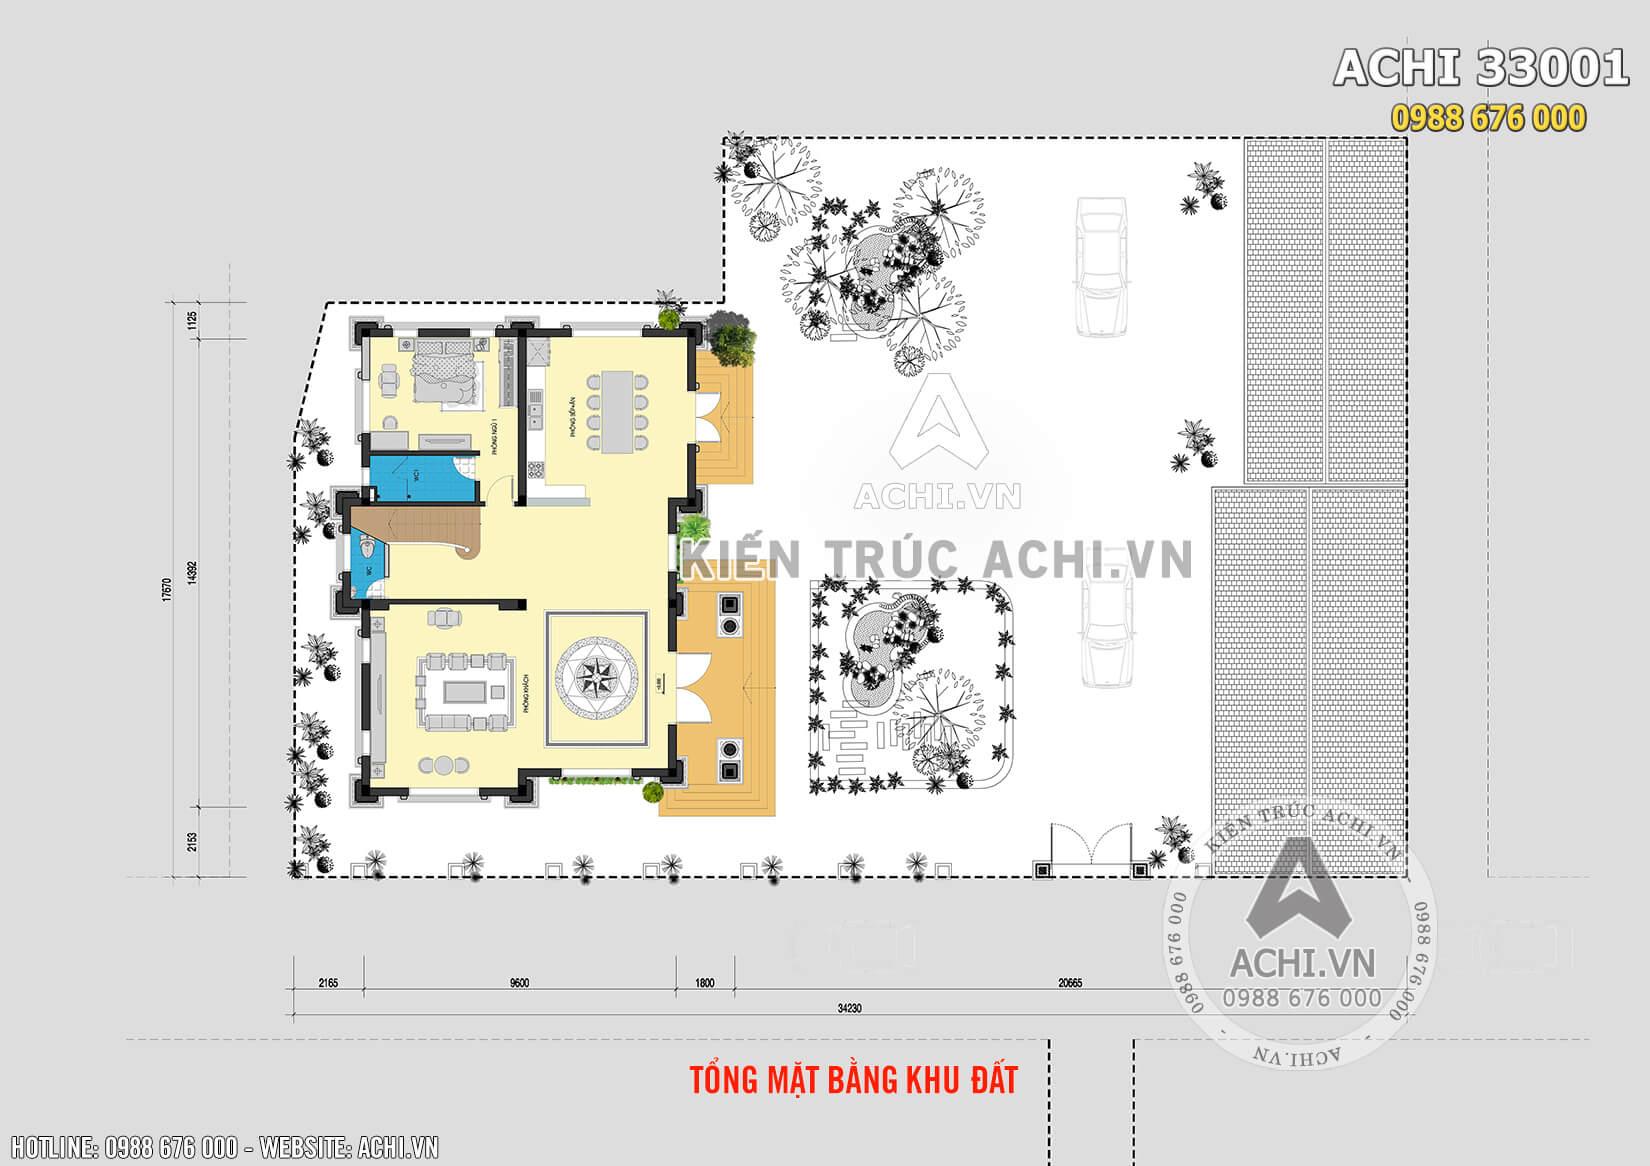 Tổng mặt bằng của mẫu thiết kế 3 kiến trúc Pháp